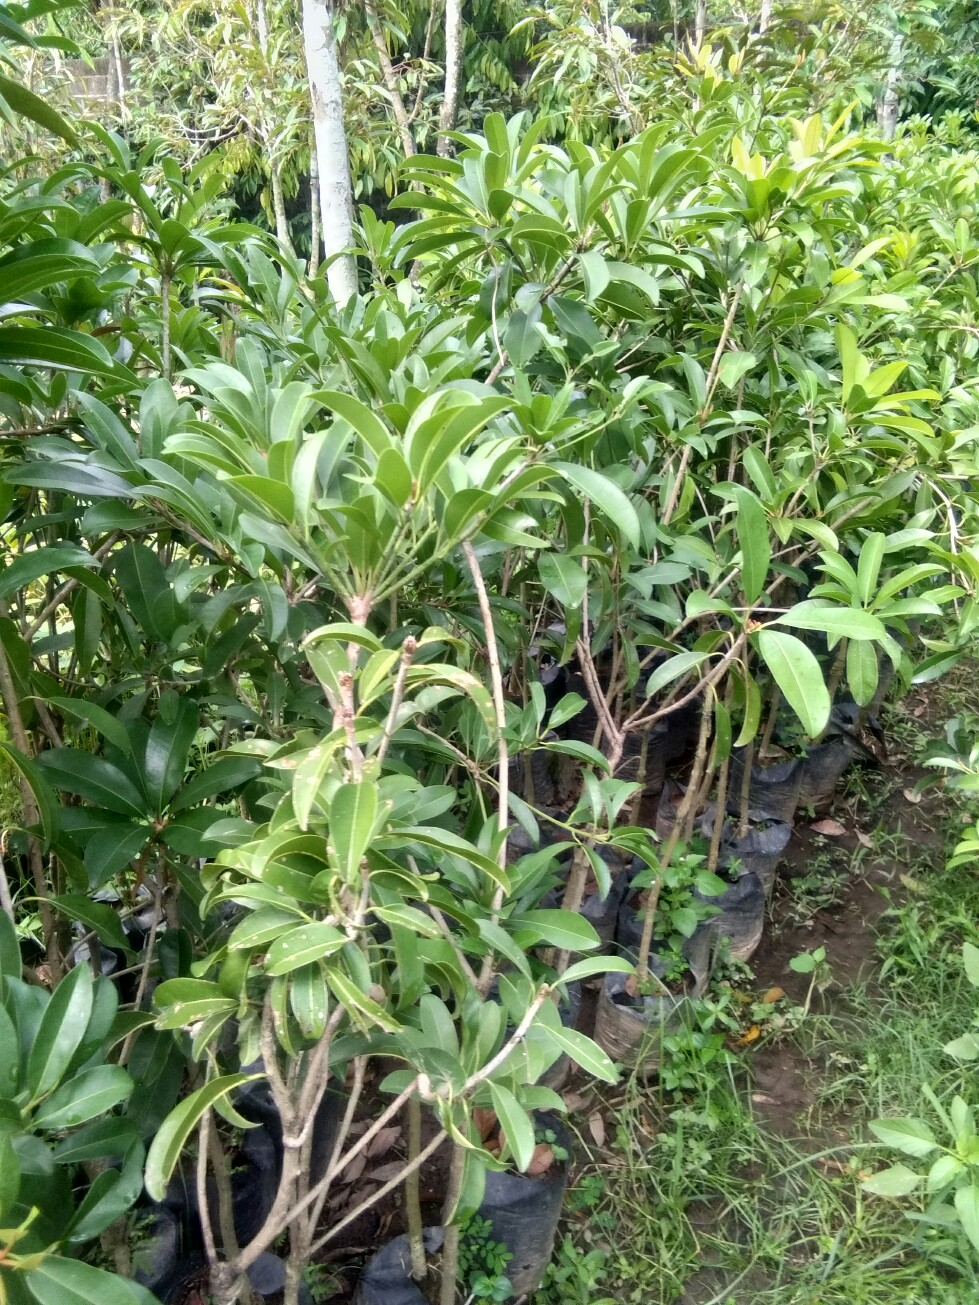 Jual bibit tanaman buah sawo bali, sudah berbuah